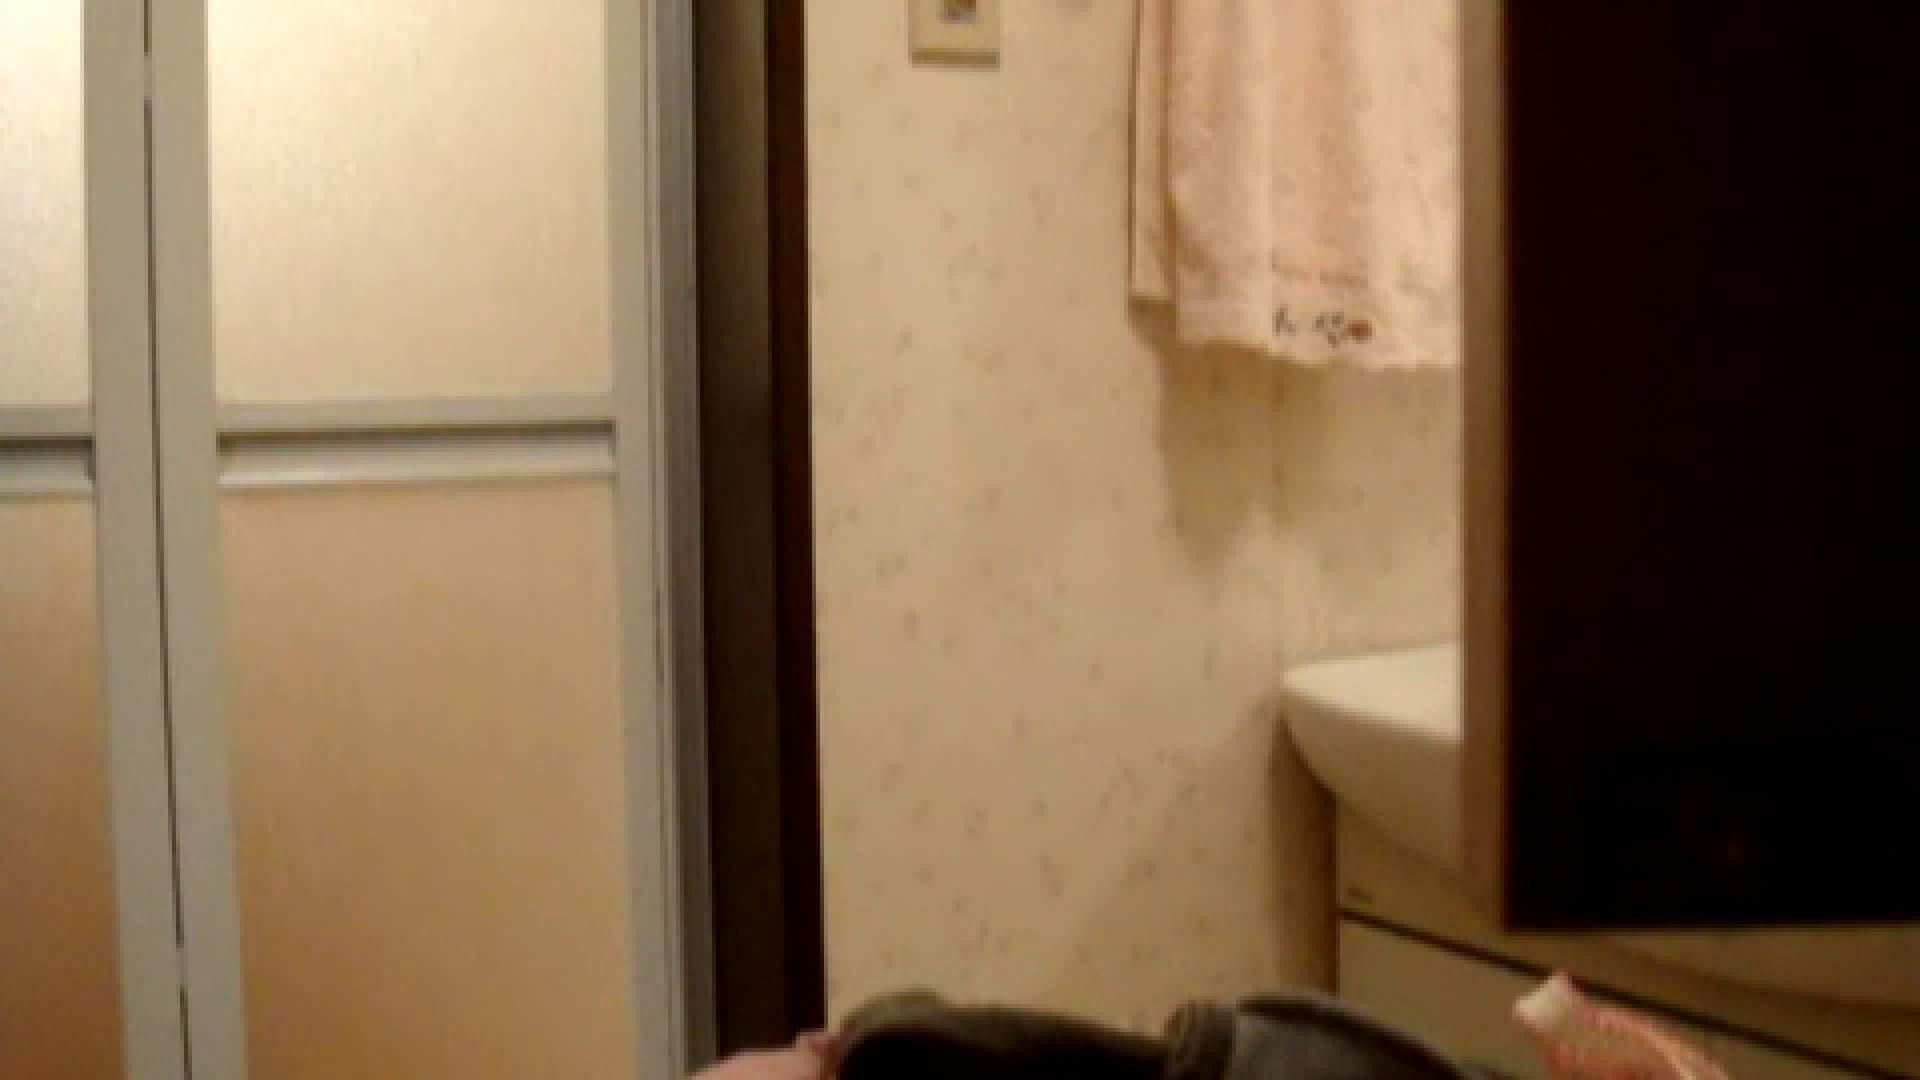 二人とも育てた甲斐がありました… vol.08 まどかの入浴中にカメラに気付いたか!? 入浴  84PIX 84